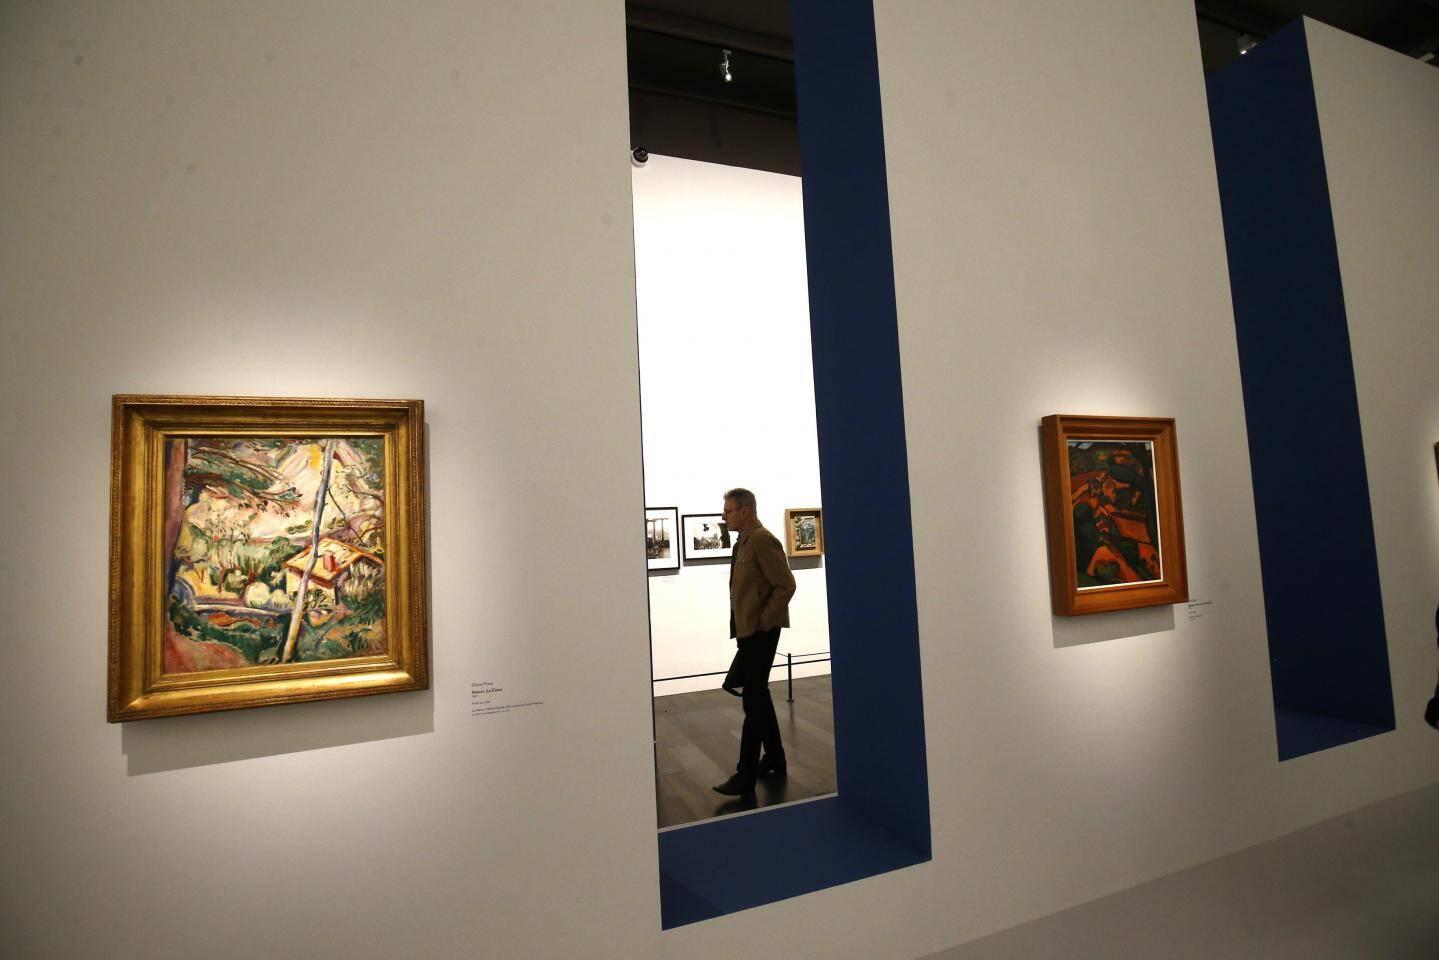 Devant un public venu en nombre et quelque peu indiscipliné, Hubert Falco n'a pas caché sa joie et sa fierté d'avoir réussi à monter une telle exposition dans un Musée d'art à la rénovation réussie.